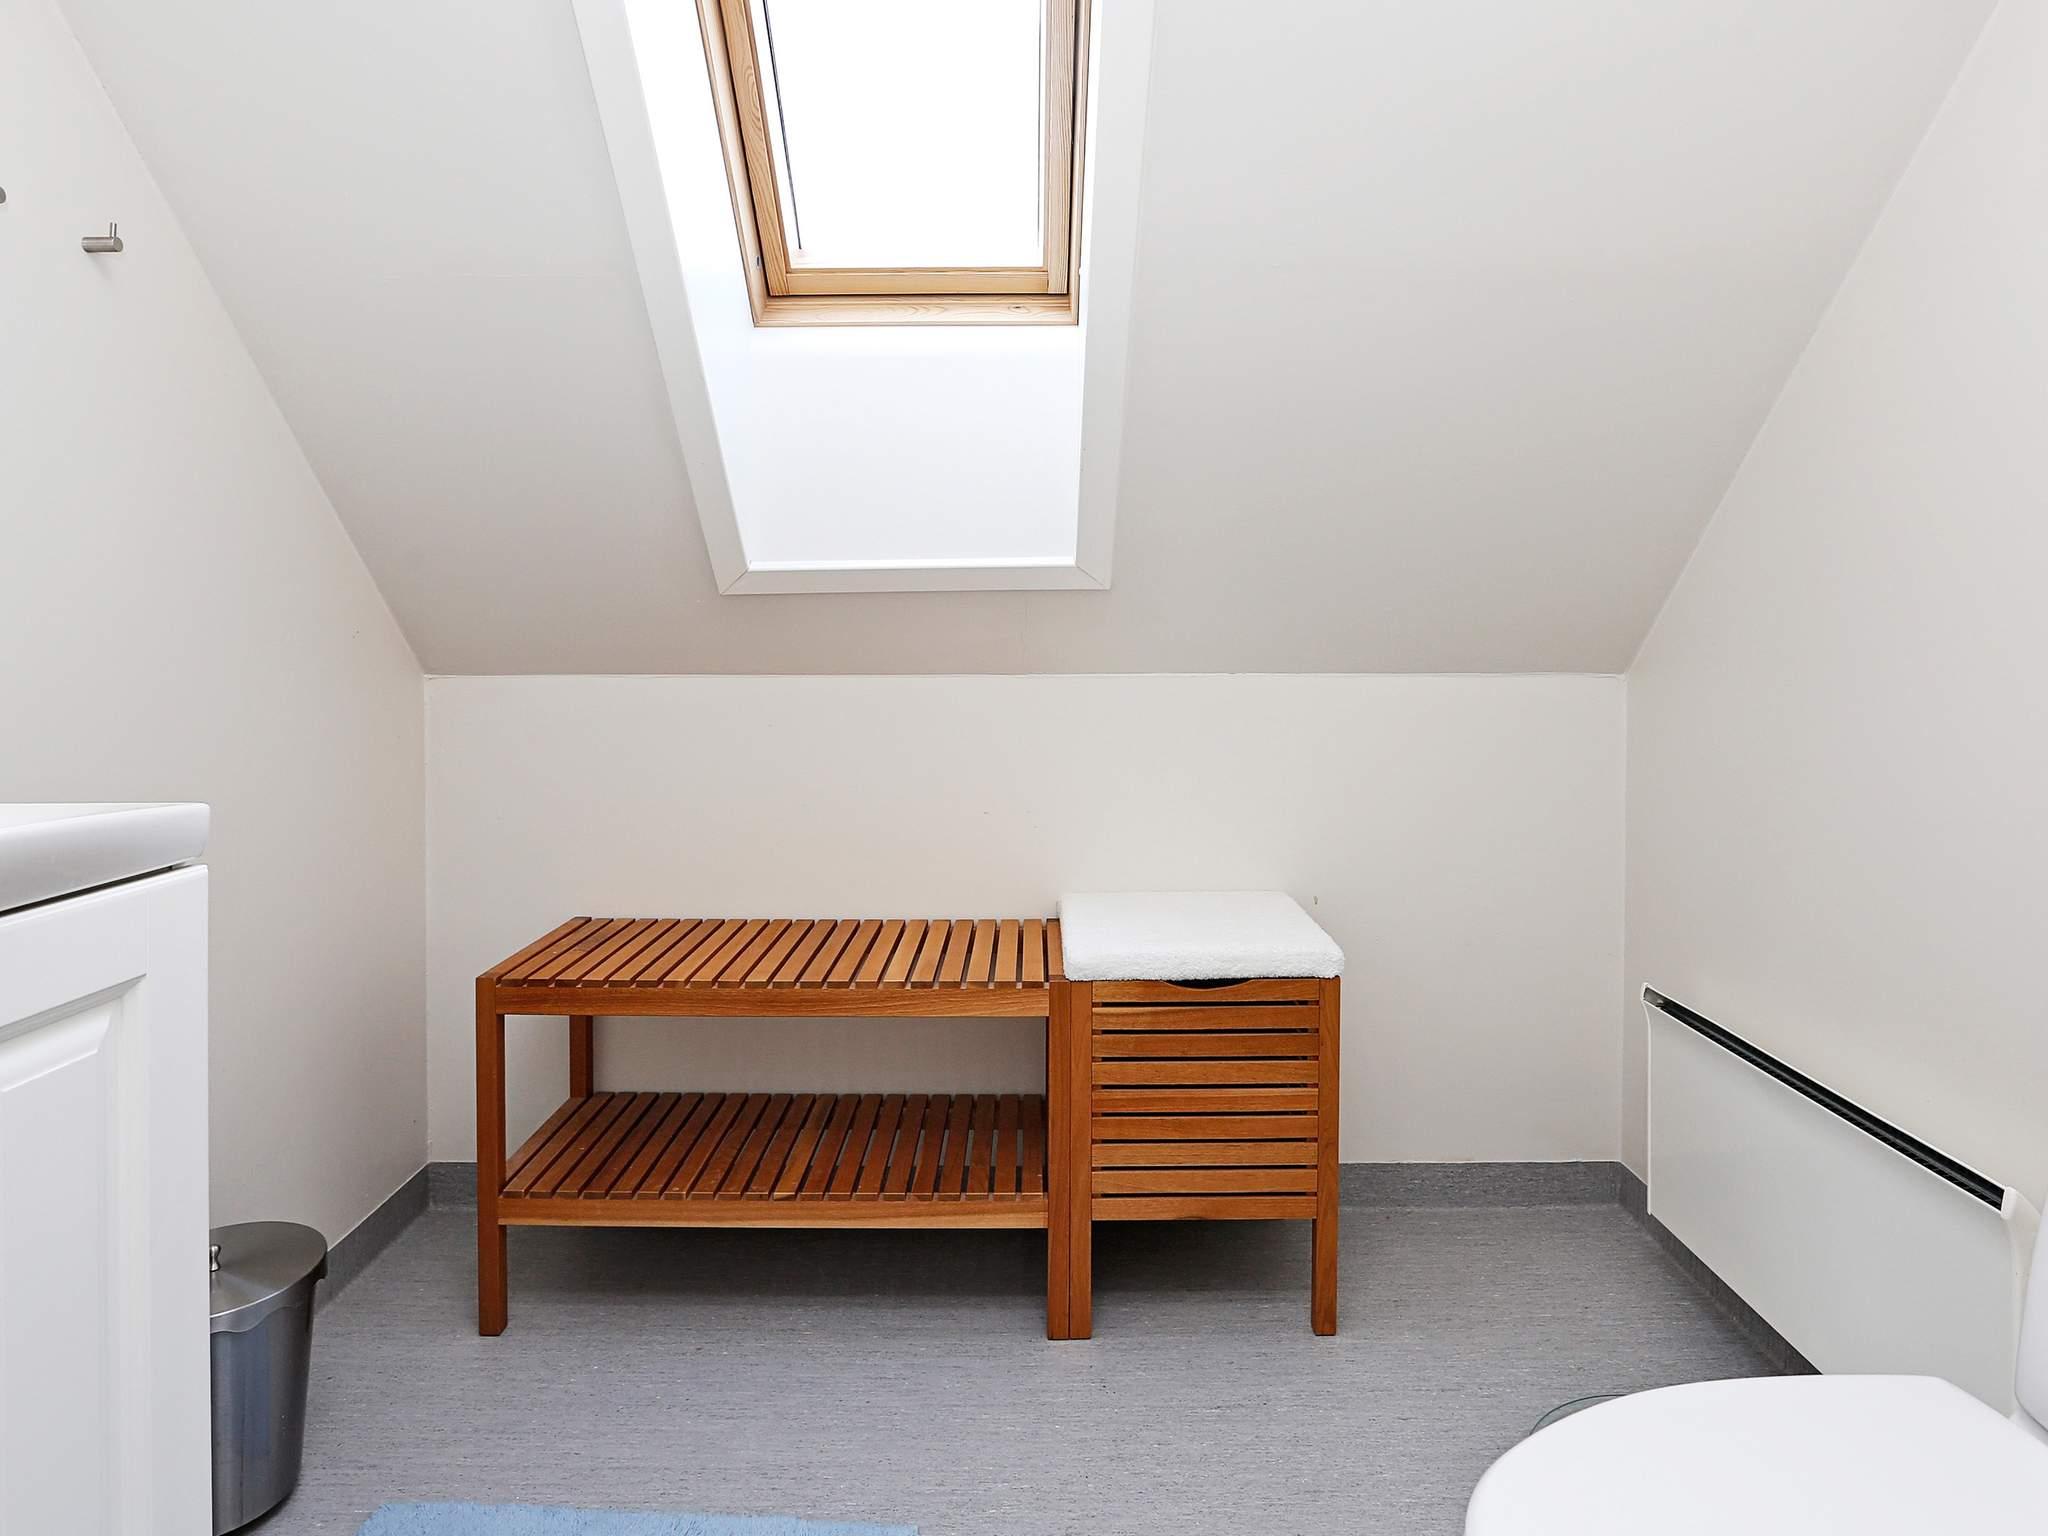 Ferienhaus Rågeleje (124896), Rågeleje, , Nordseeland, Dänemark, Bild 13